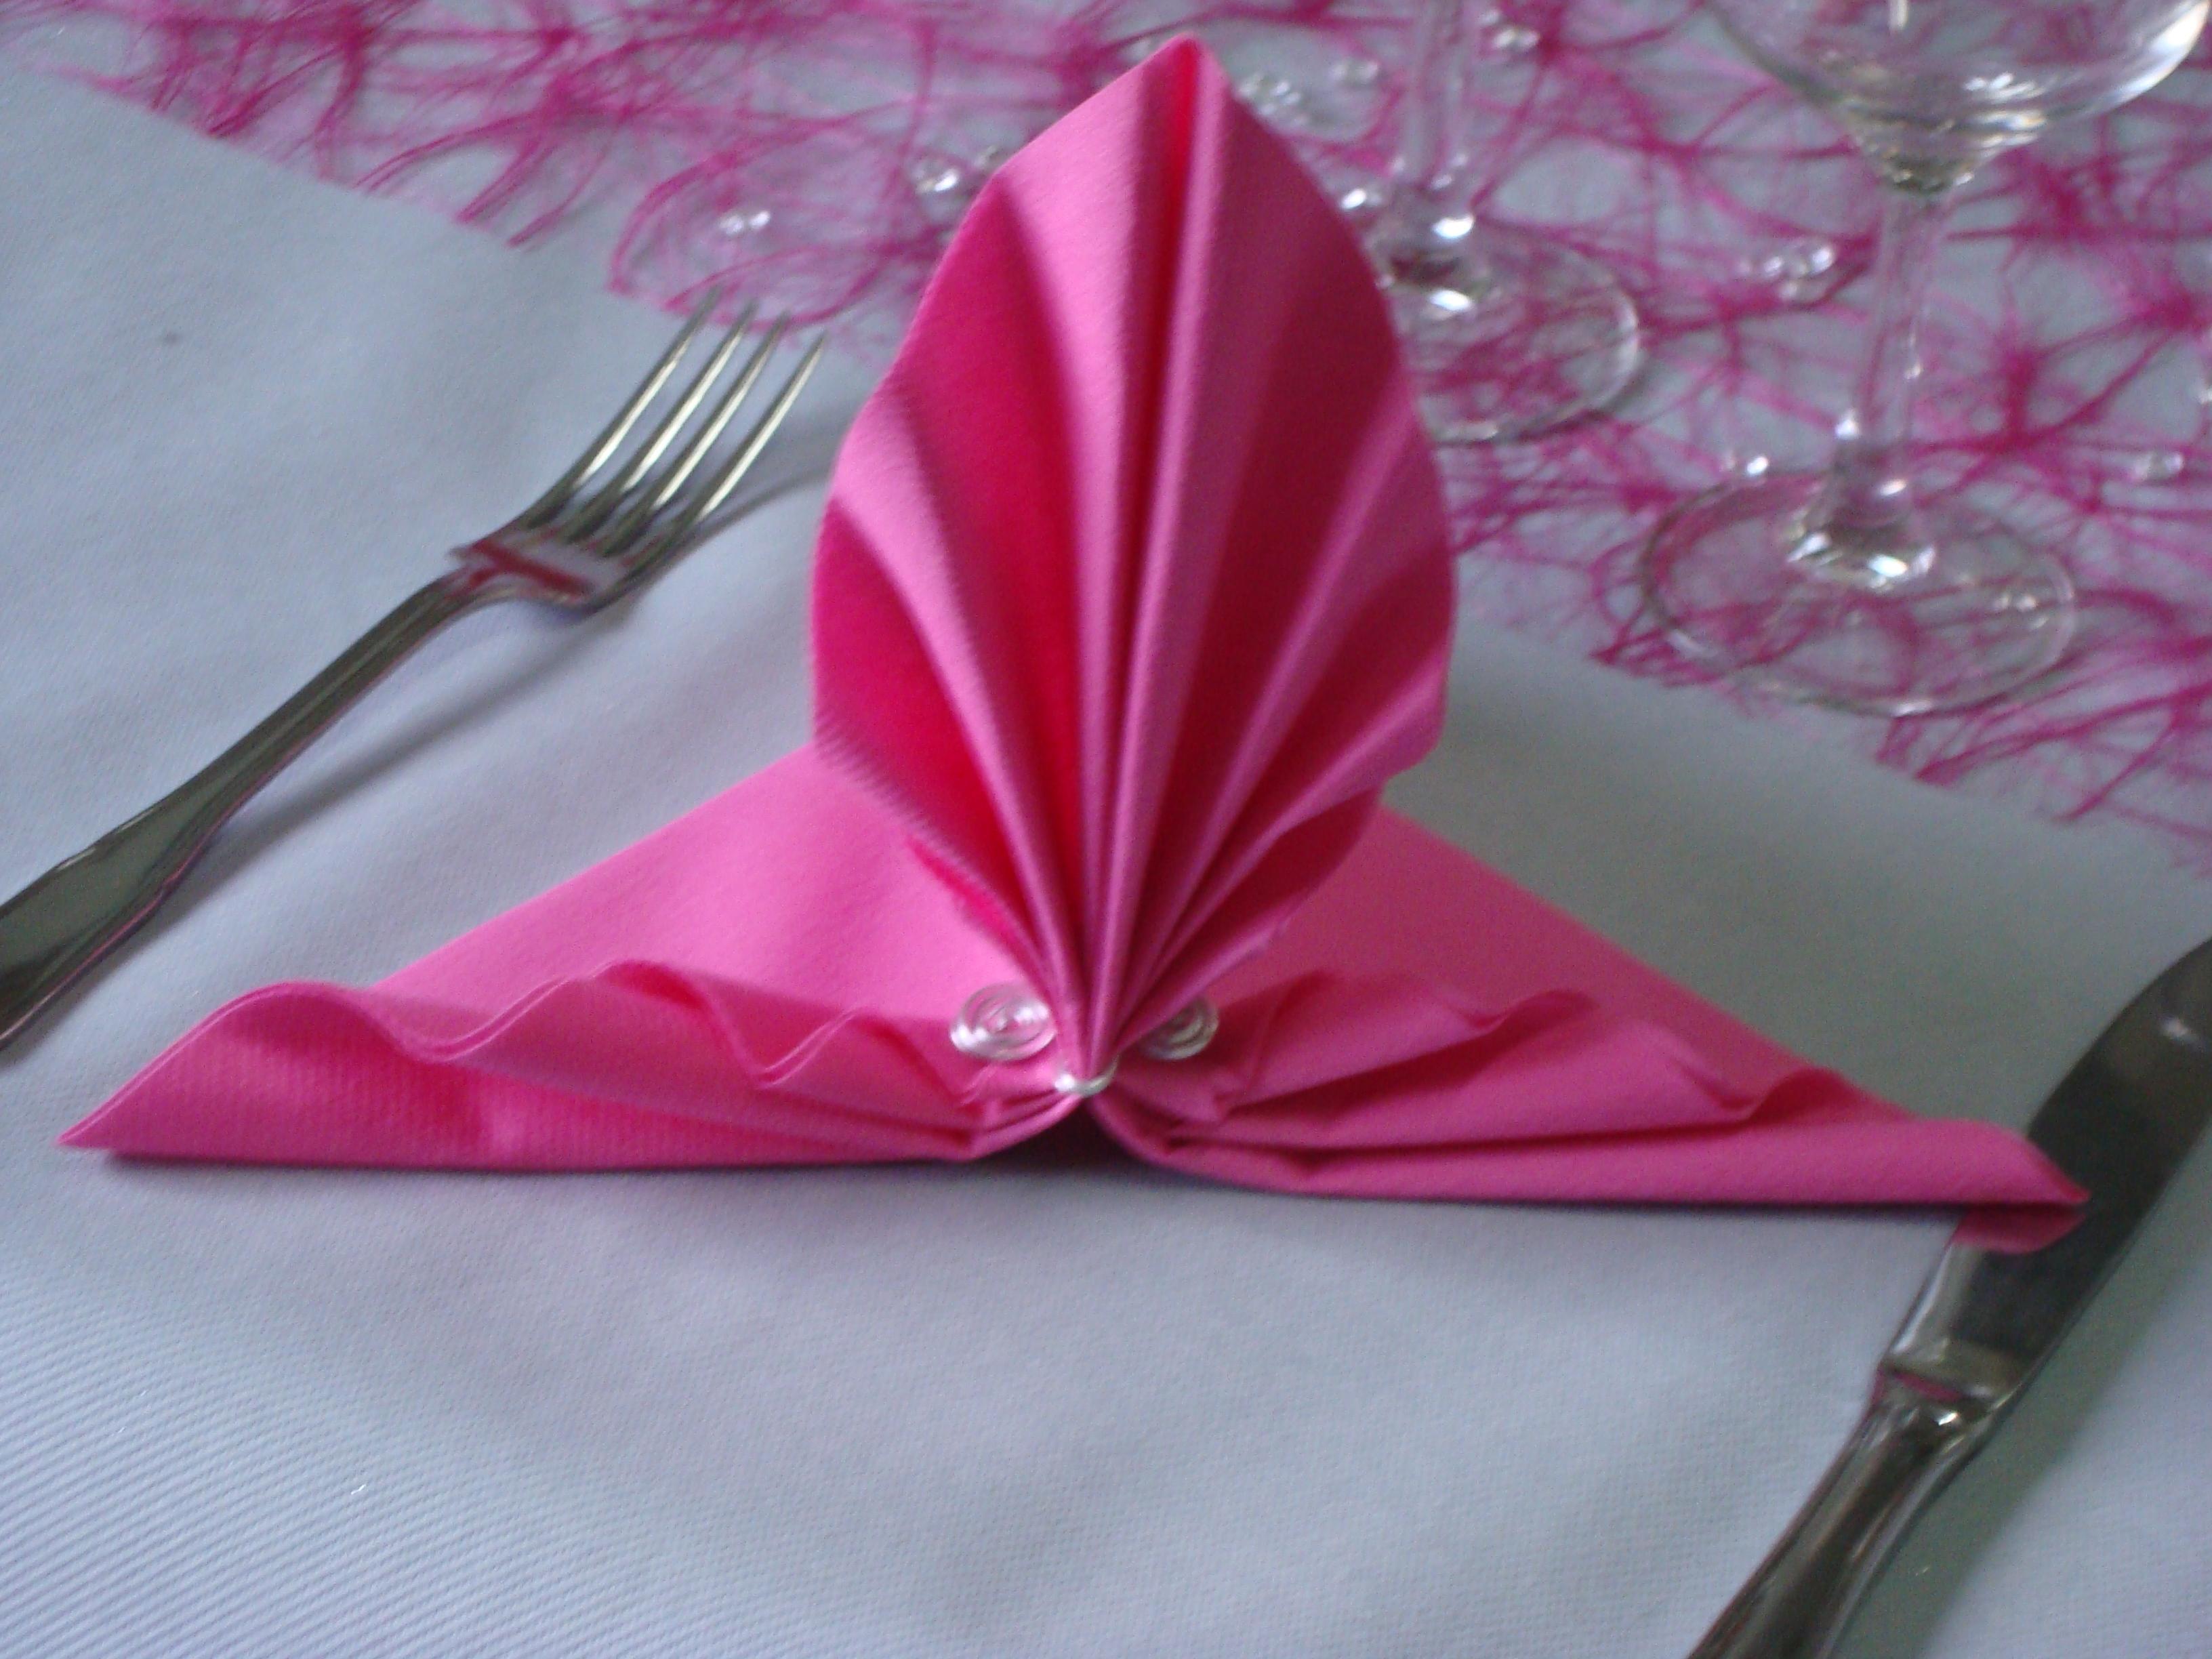 Pliage de serviette youtube fashion designs - Pliage serviette bonbon ...